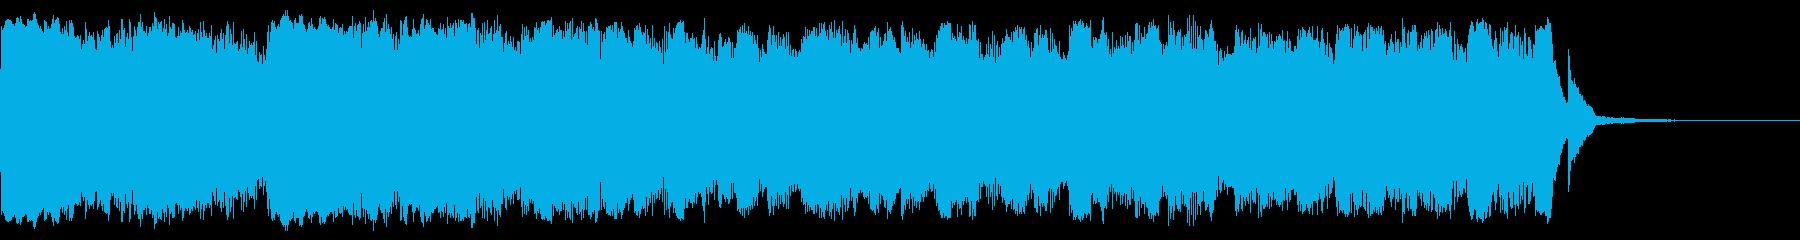 吹奏楽メインのオープニングジングルの再生済みの波形